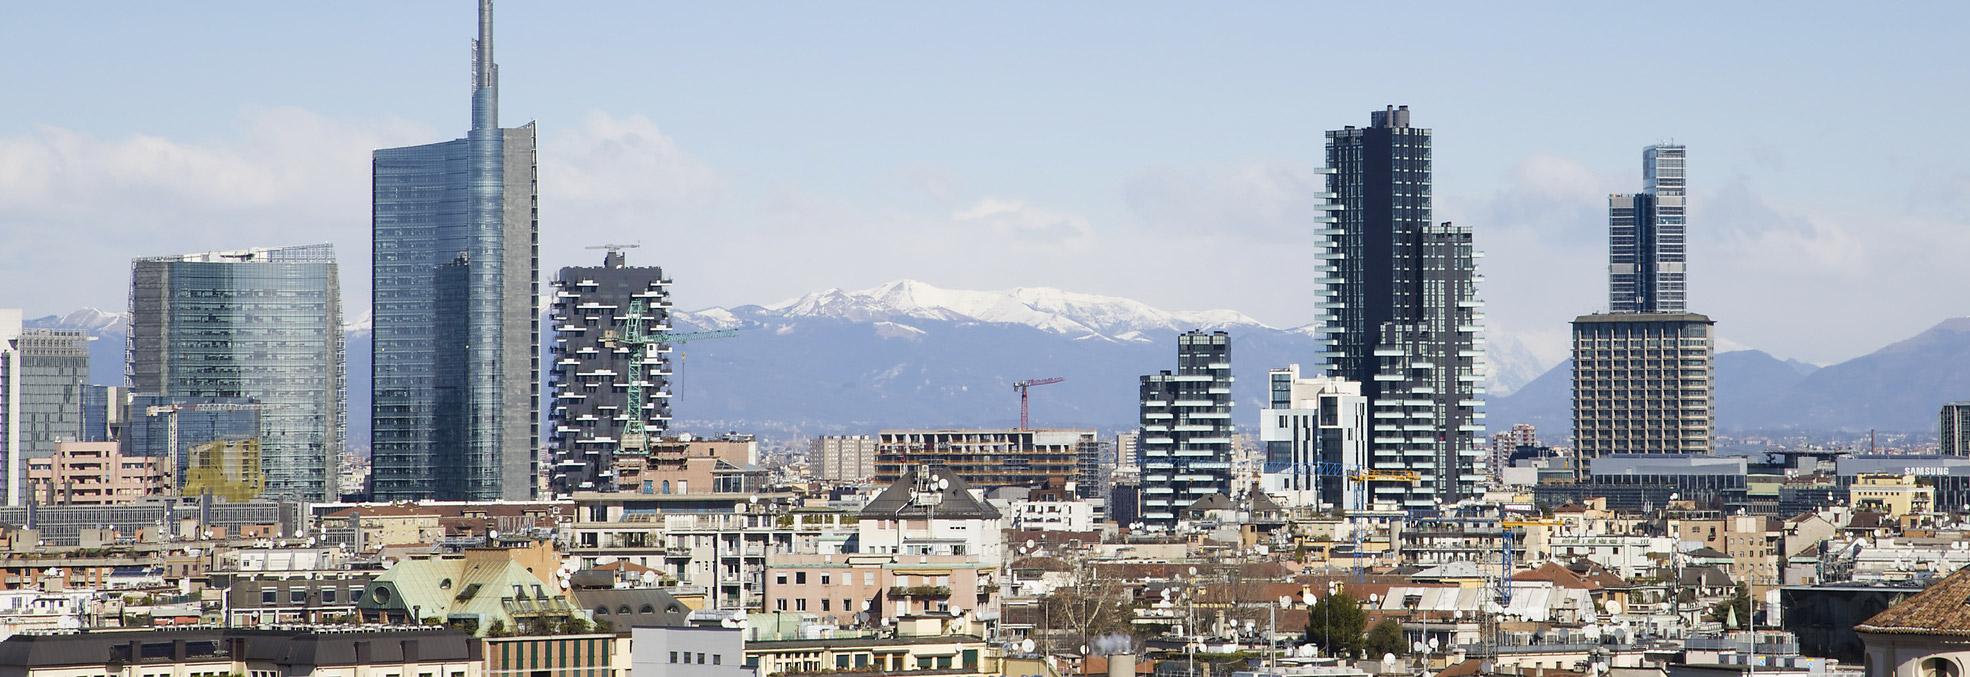 Panoramica di Milano - Spazio33 Consulting